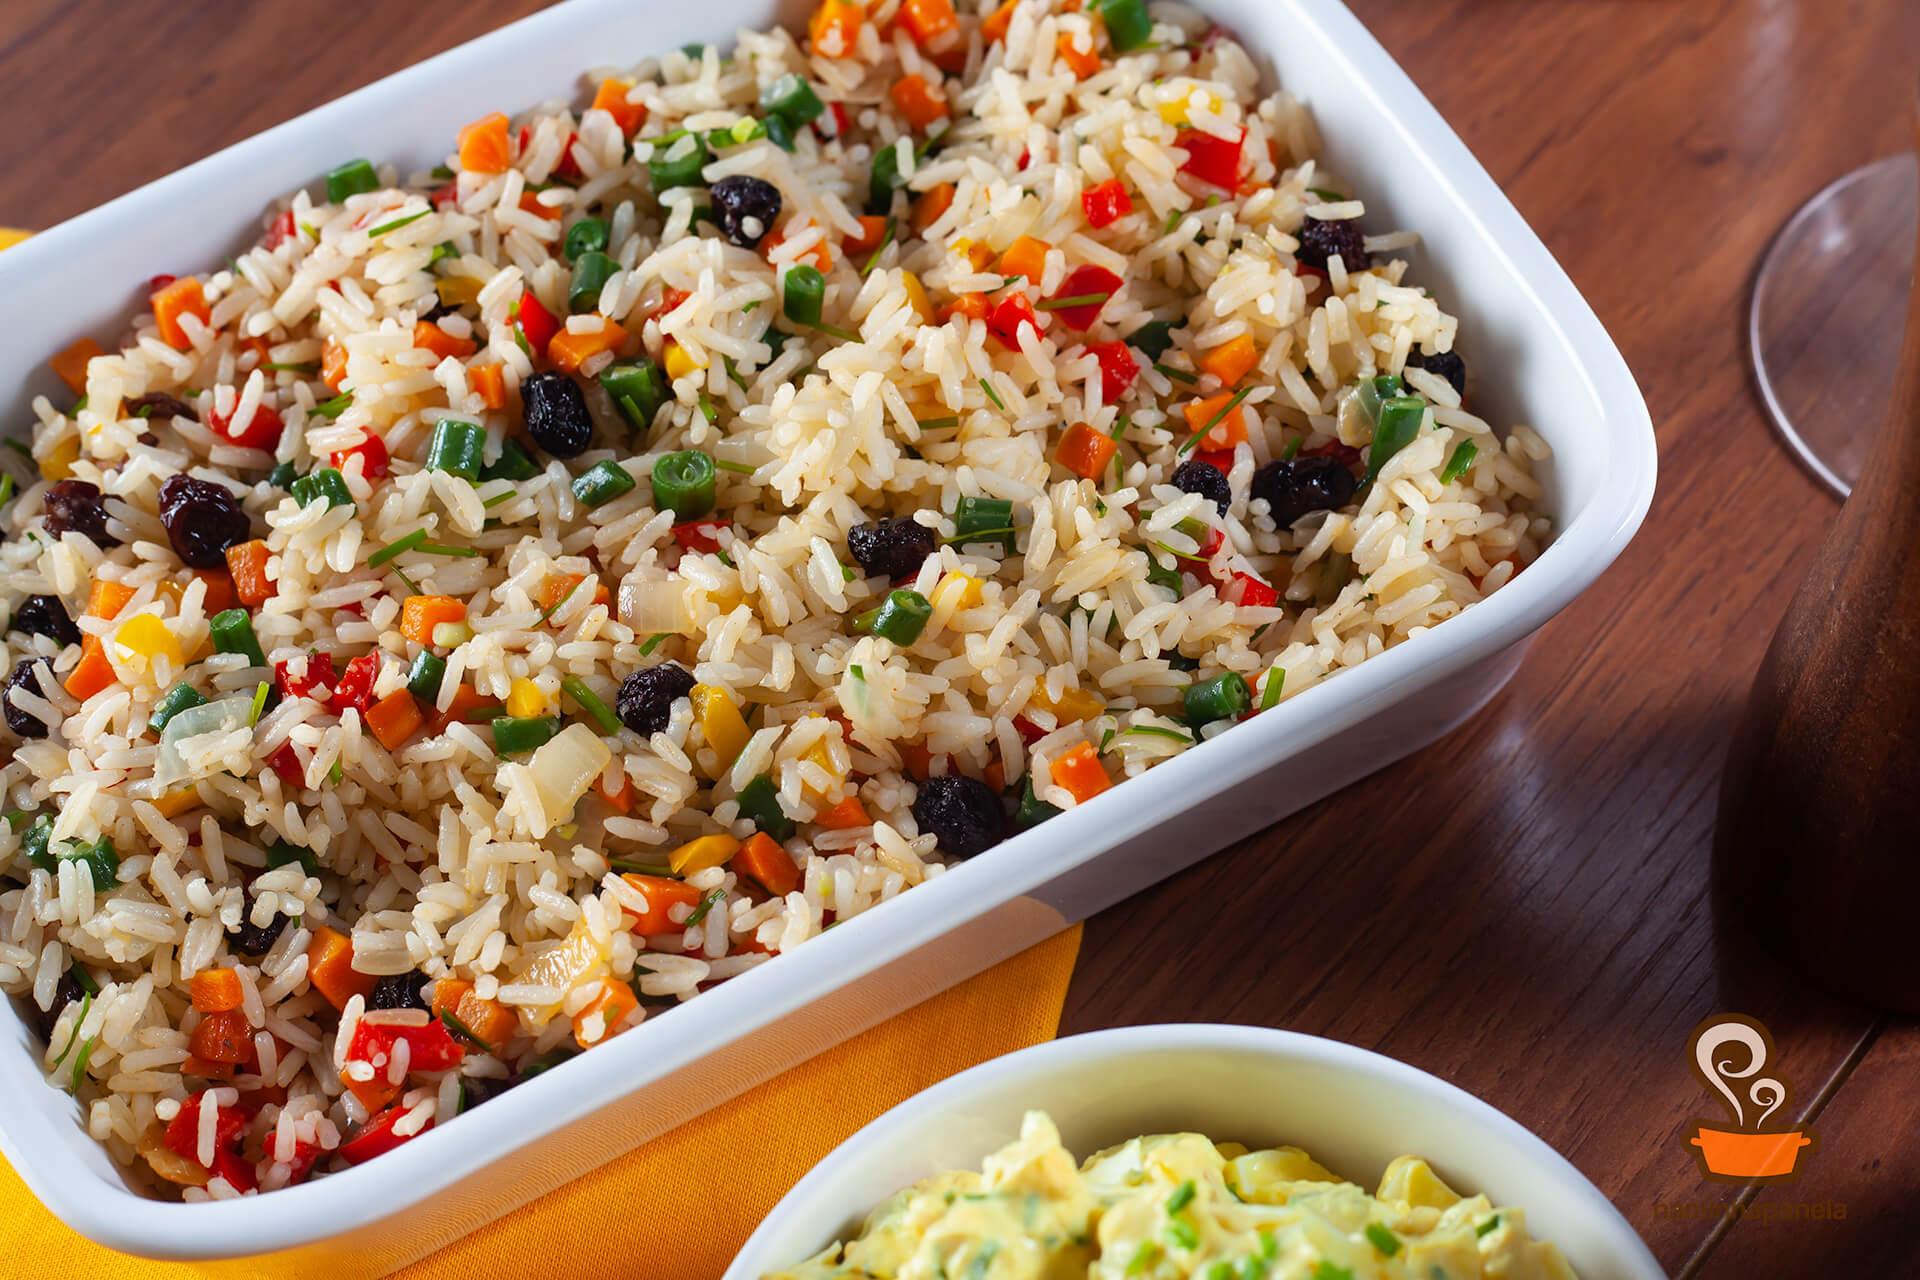 arroz a grega para começar bem a semana, aprenda a fazer